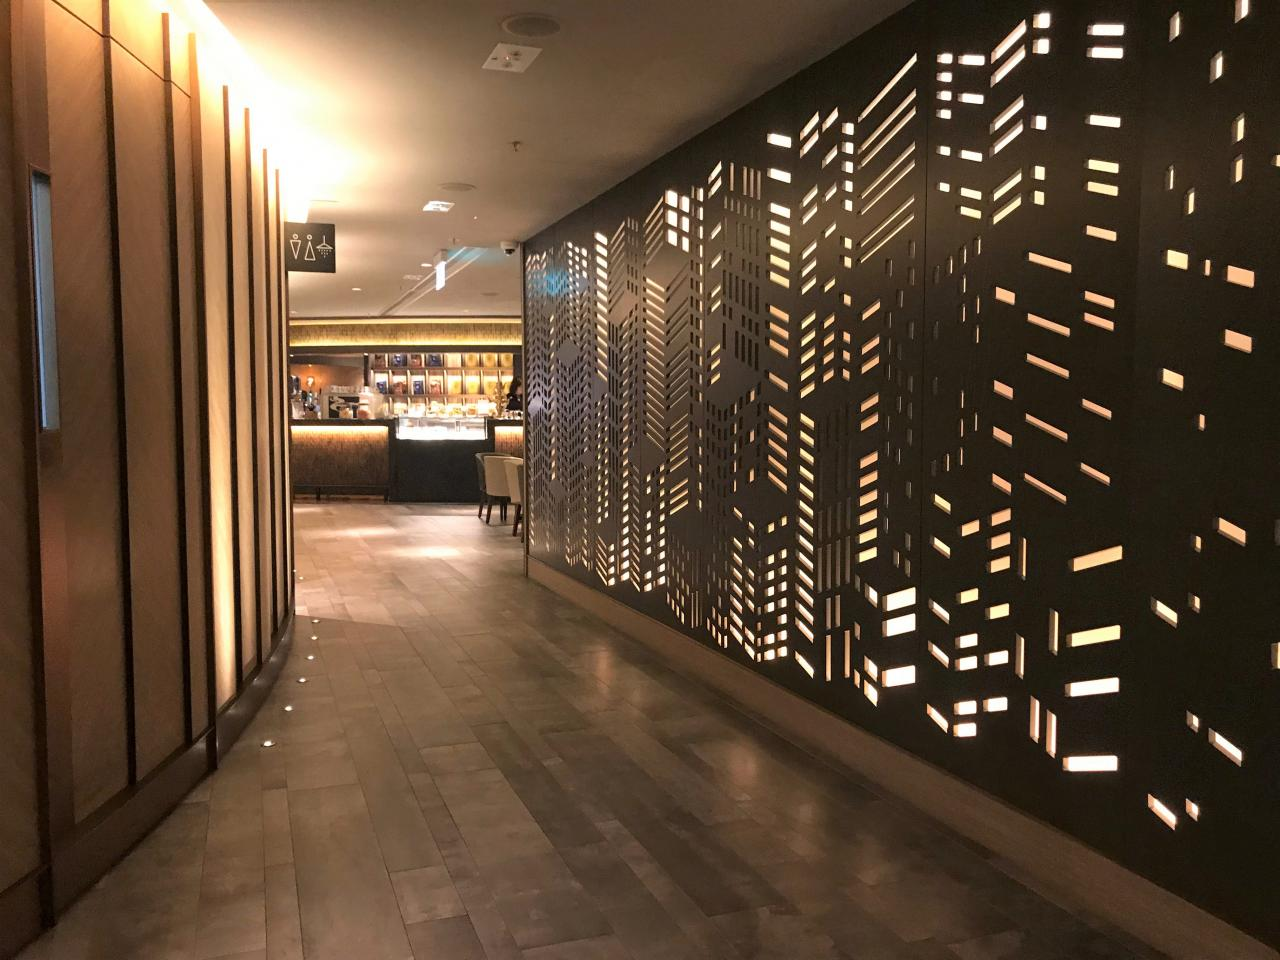 從酒吧至餐廳中間的長廊,隱約透視另一番景致,從設計中散發幻想中的綠洲氛圍。